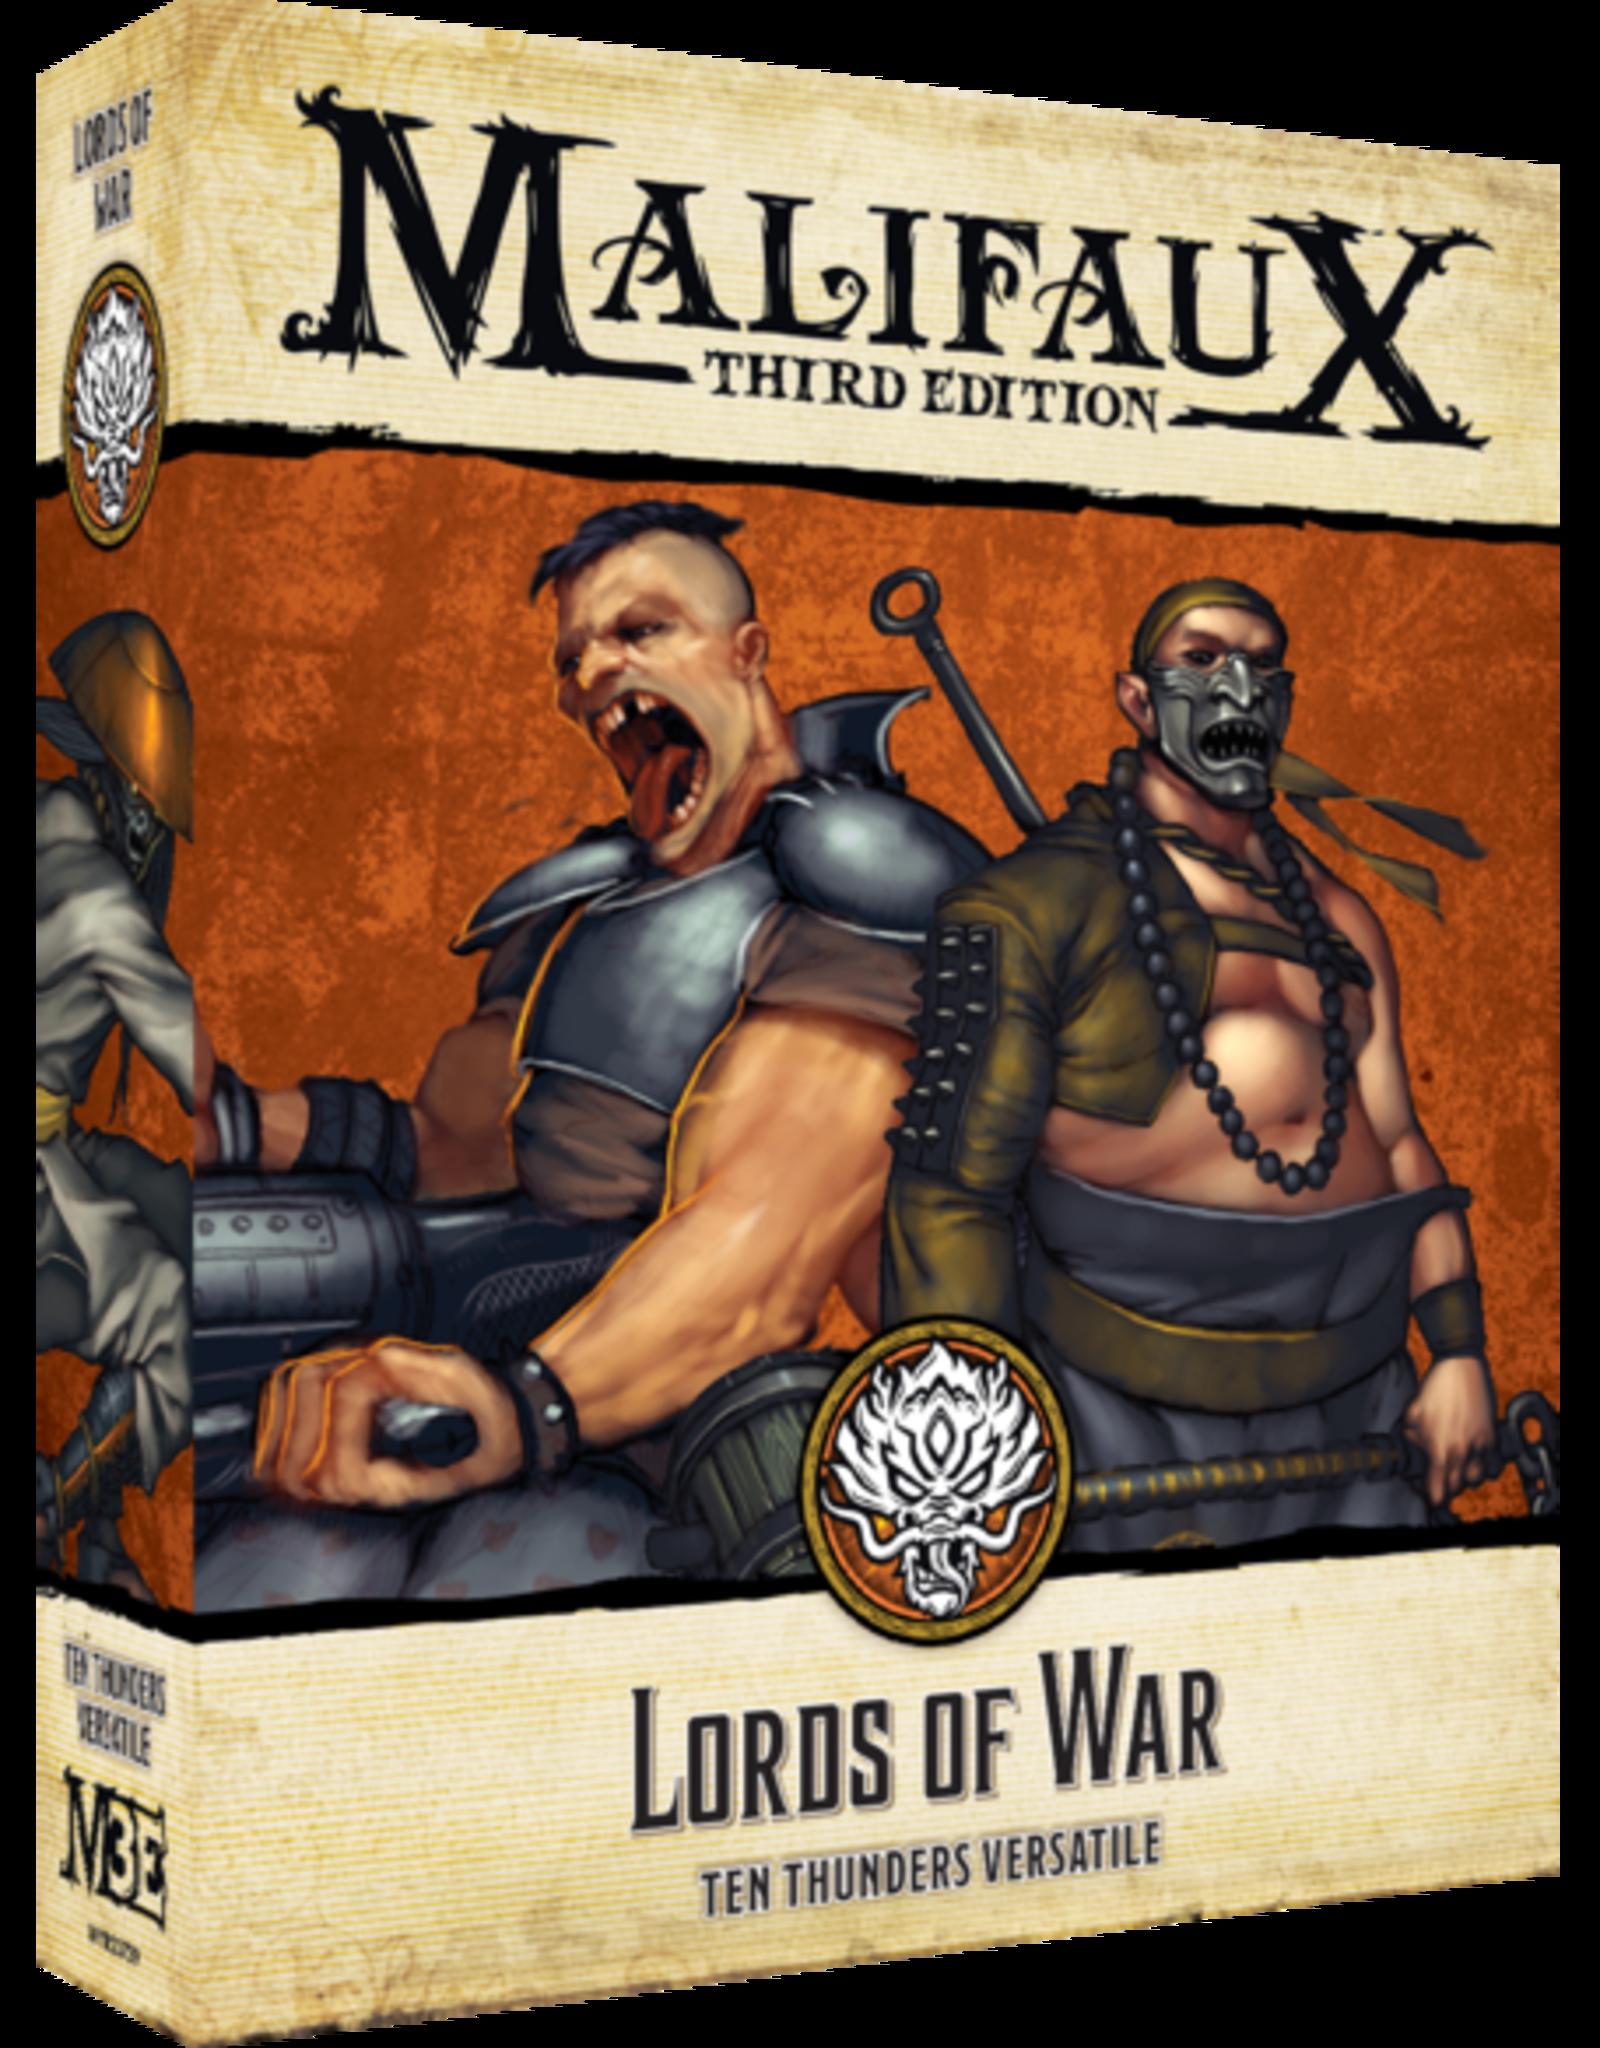 WYR - Malifaux Miniaturen Malifaux 3rd Edition - Lords of War - EN